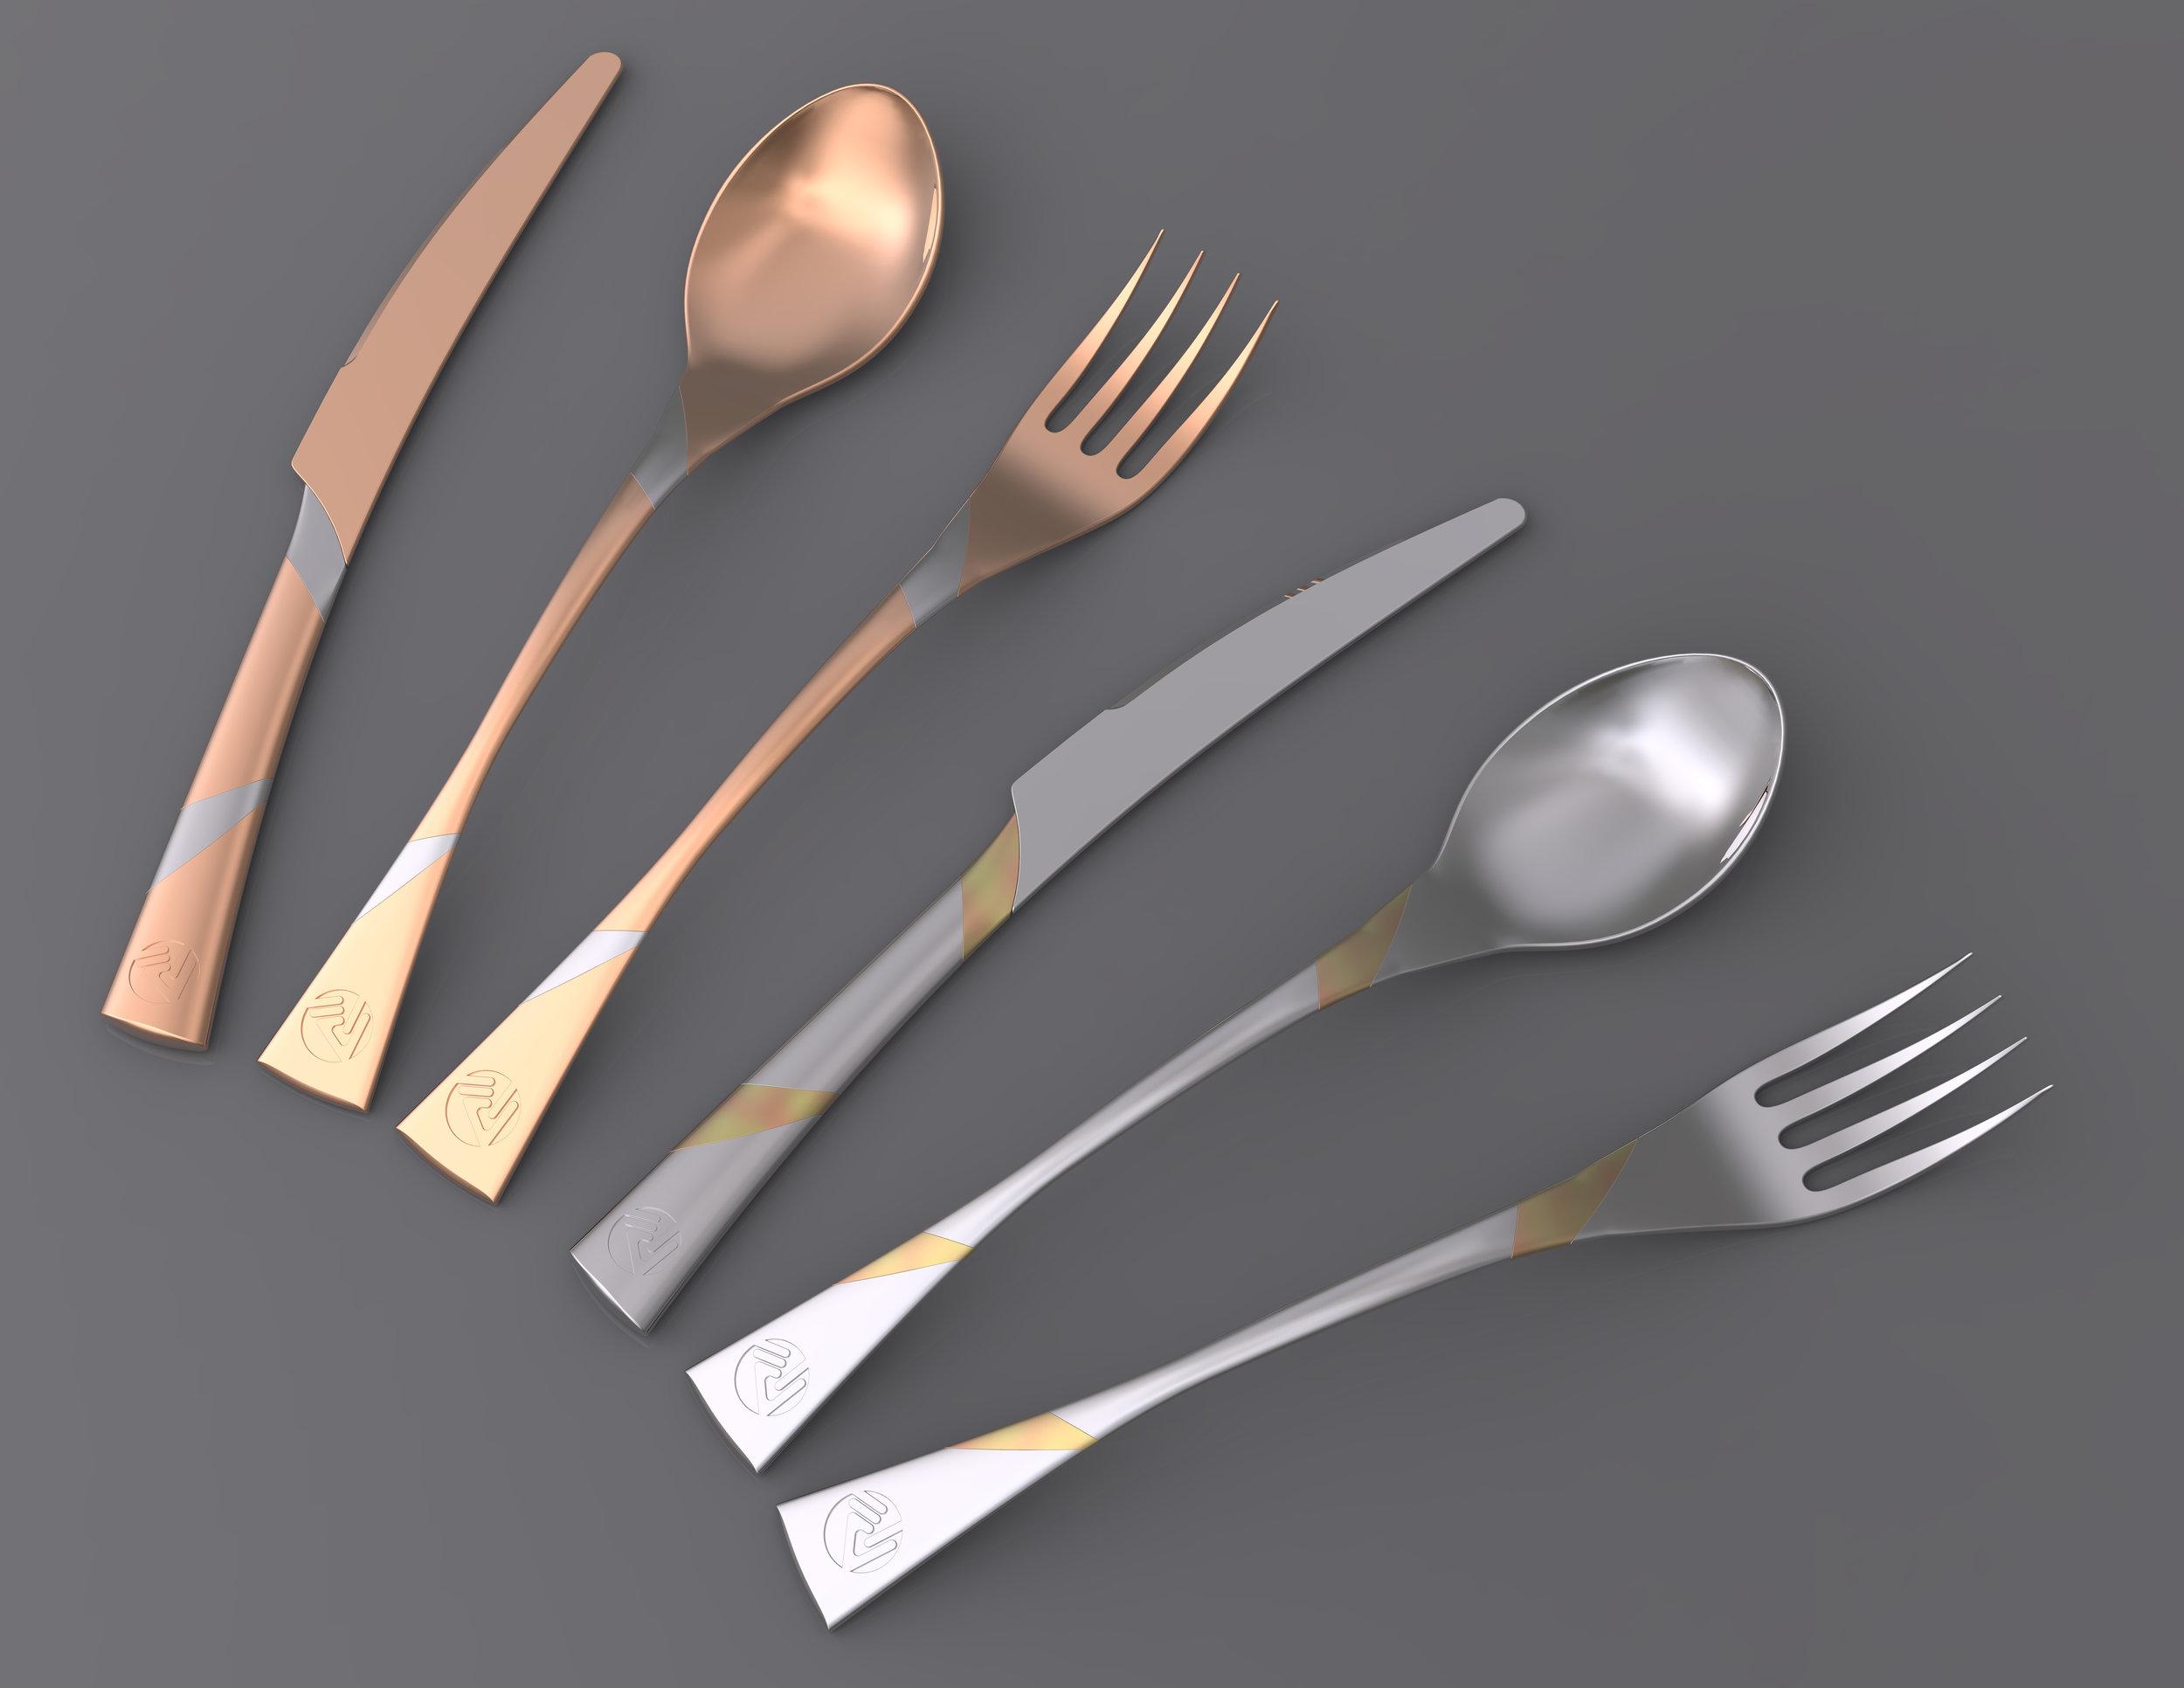 Cutlery on napkin.235.jpg